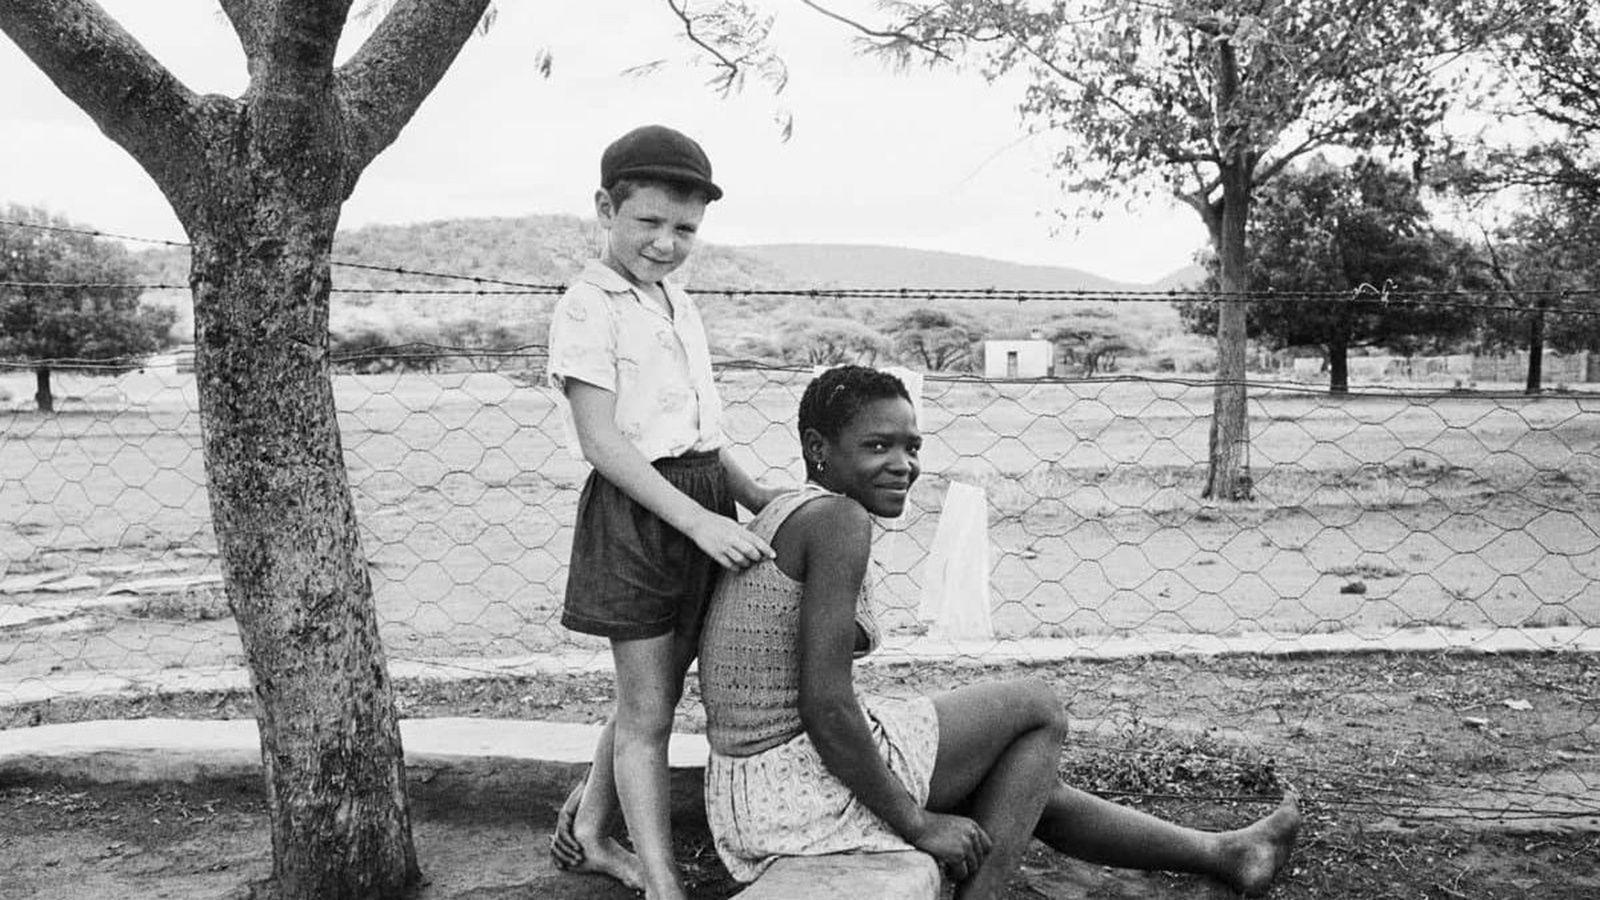 """""""Le fils du fermier avec sa bonne d'enfants, ferme de Heimweeberg, environs de Nietverdiend, Marico Bushveld, province du Nord Ouest"""", 1964 de David GOLDBLATT - Courtesy David Goldbatt et Goodman Gallery Johannesburg et Cape Town."""